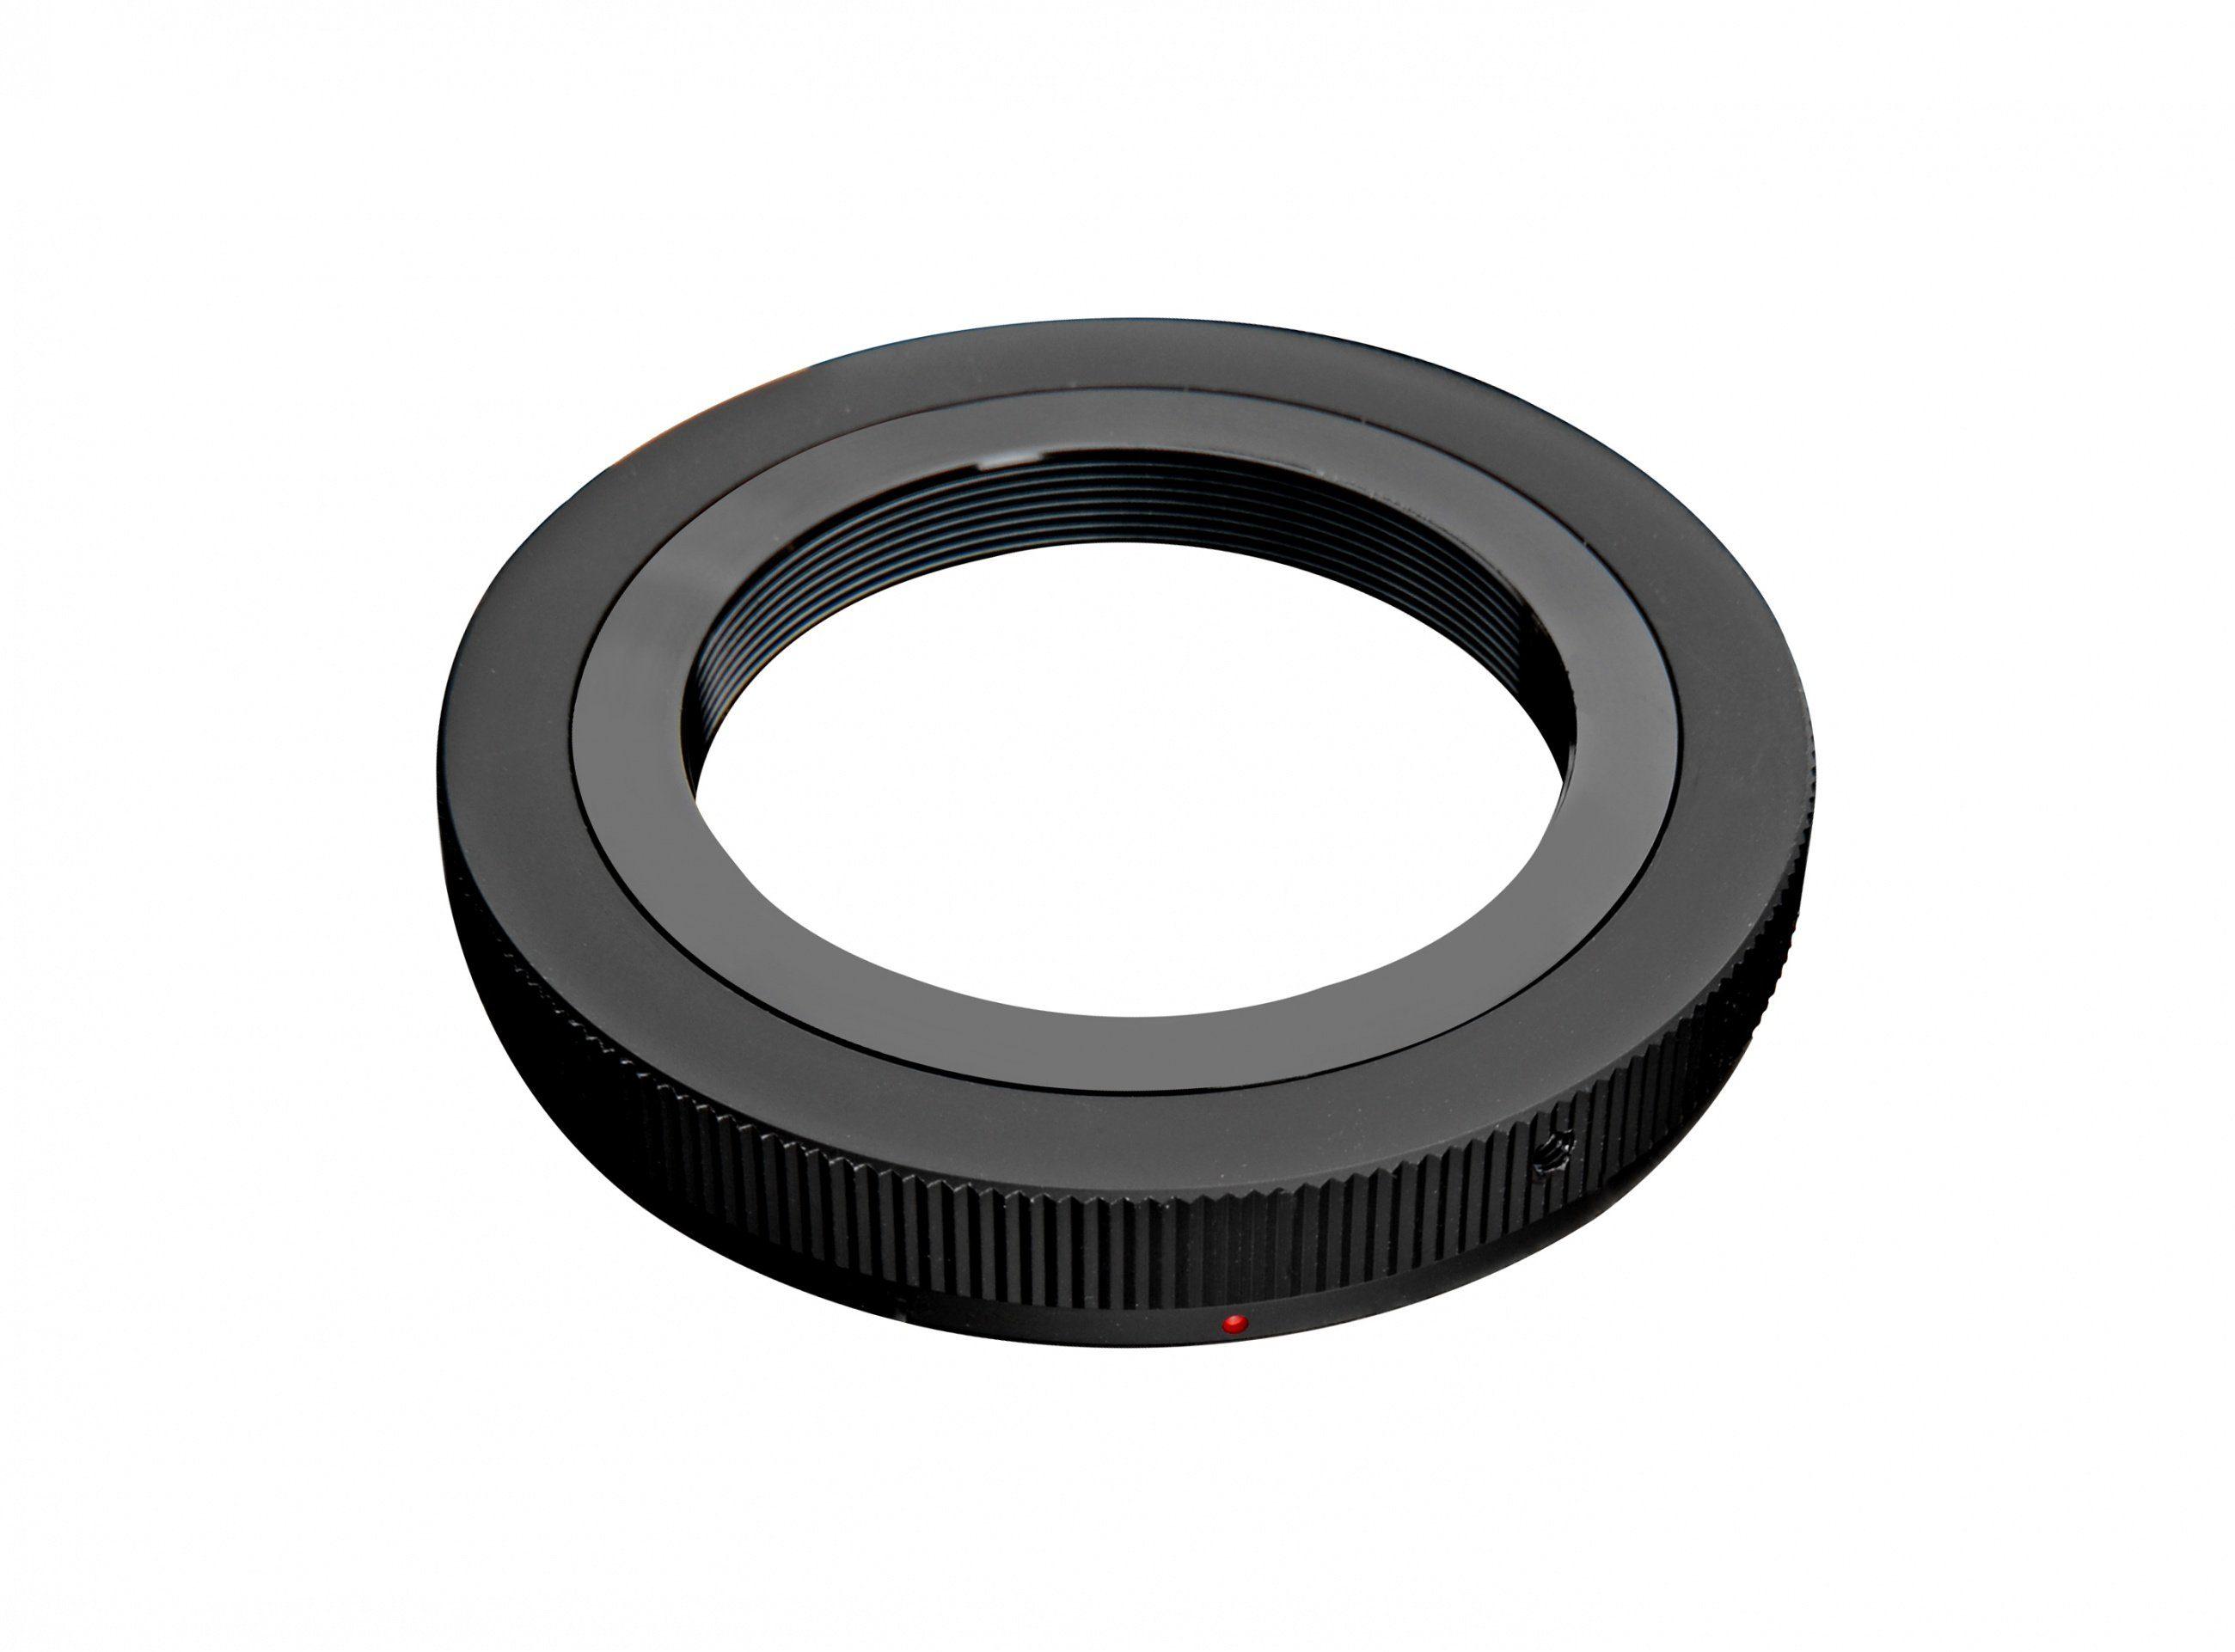 Bresser Kameraadapter »T2-Ring Pentax S M-42«